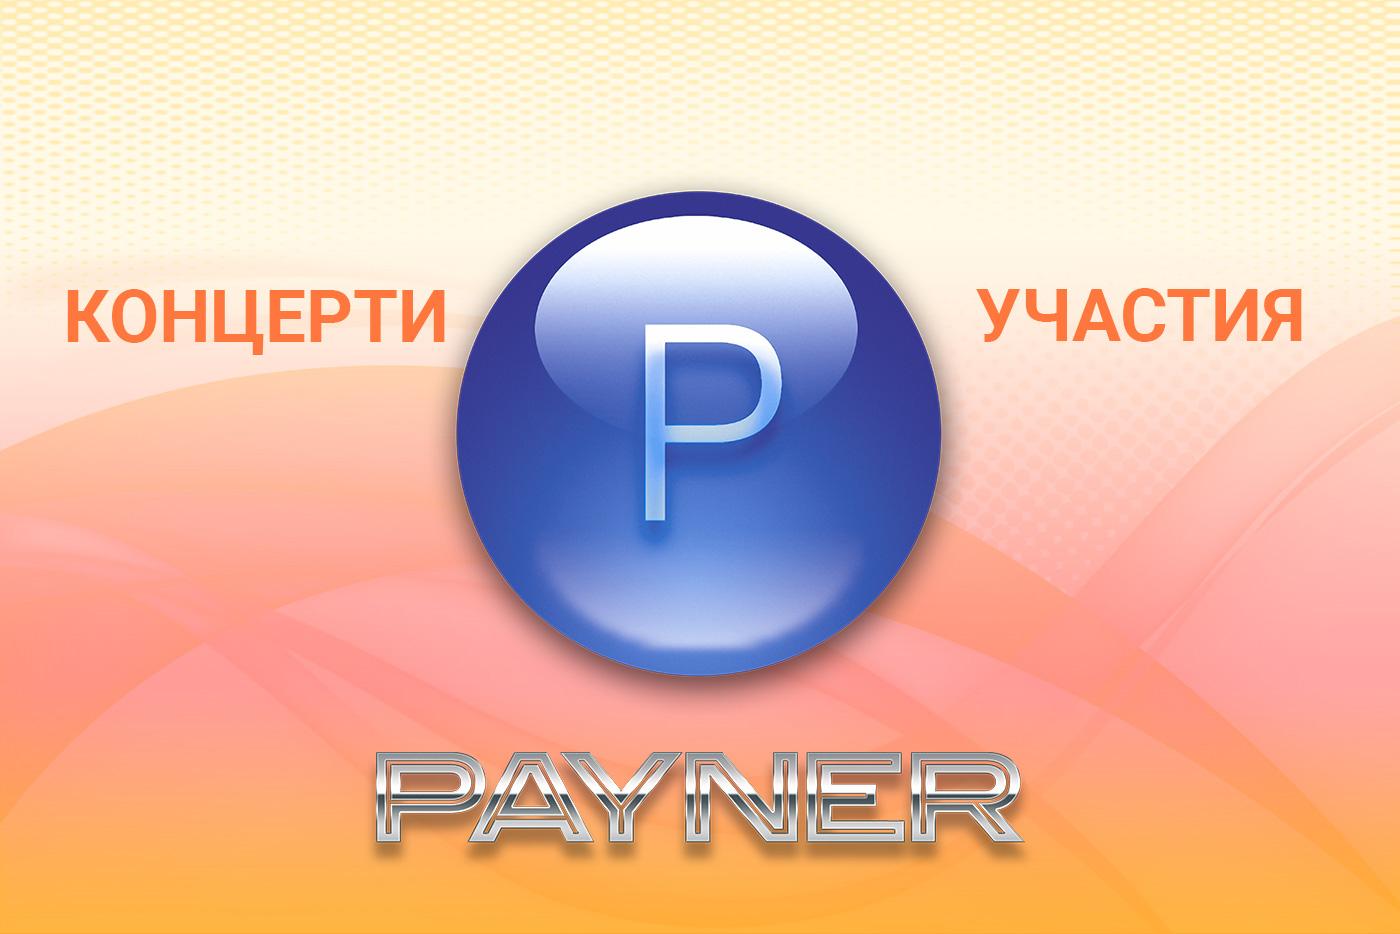 """Участия на звездите на """"Пайнер"""" на 12.07.2019"""